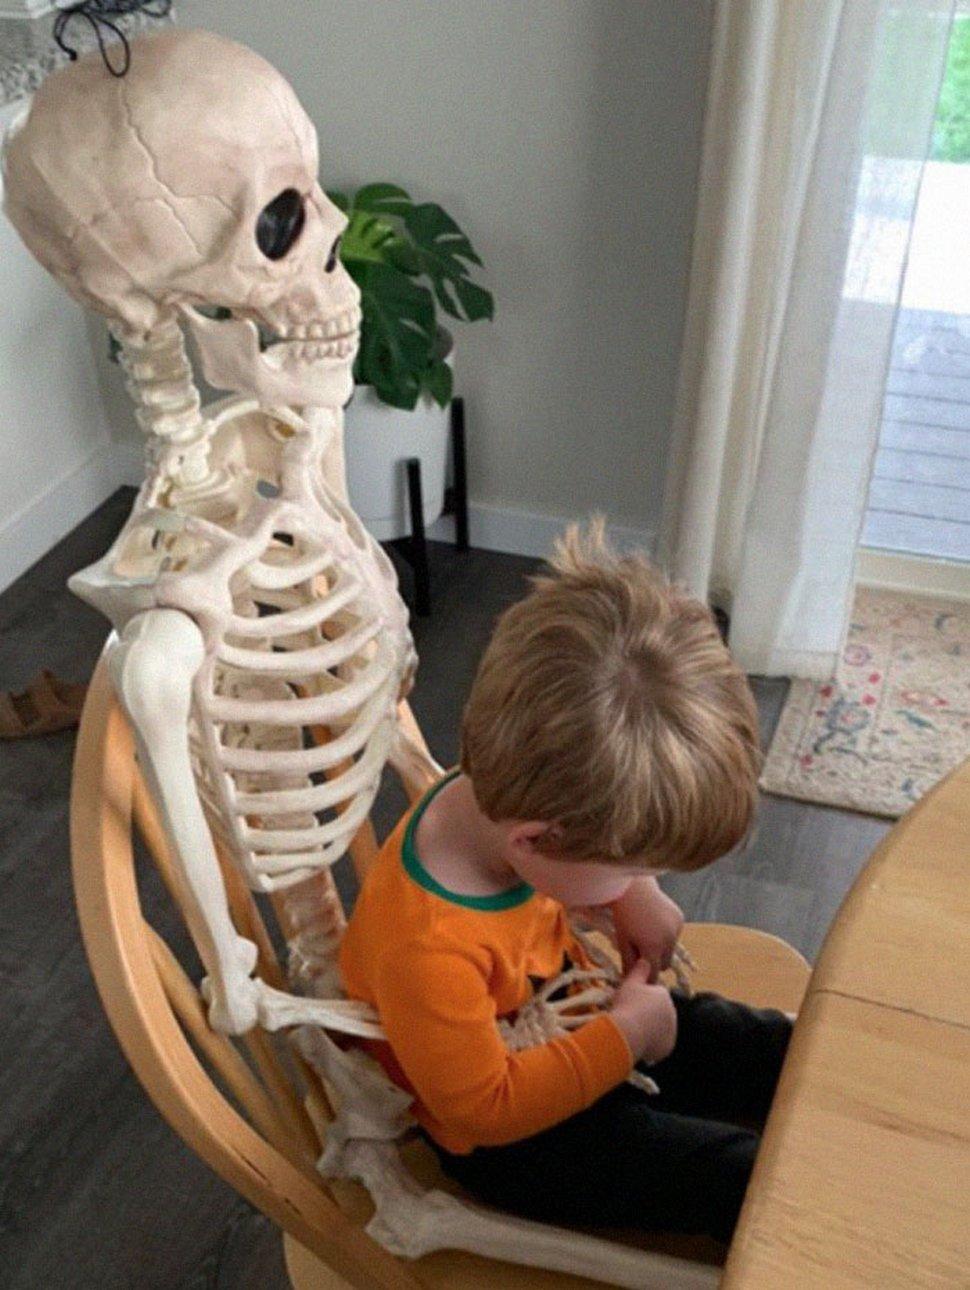 Un jeune enfant se lie d'amitié avec un squelette effrayant que ses parents ont obtenu comme décoration d'Halloween